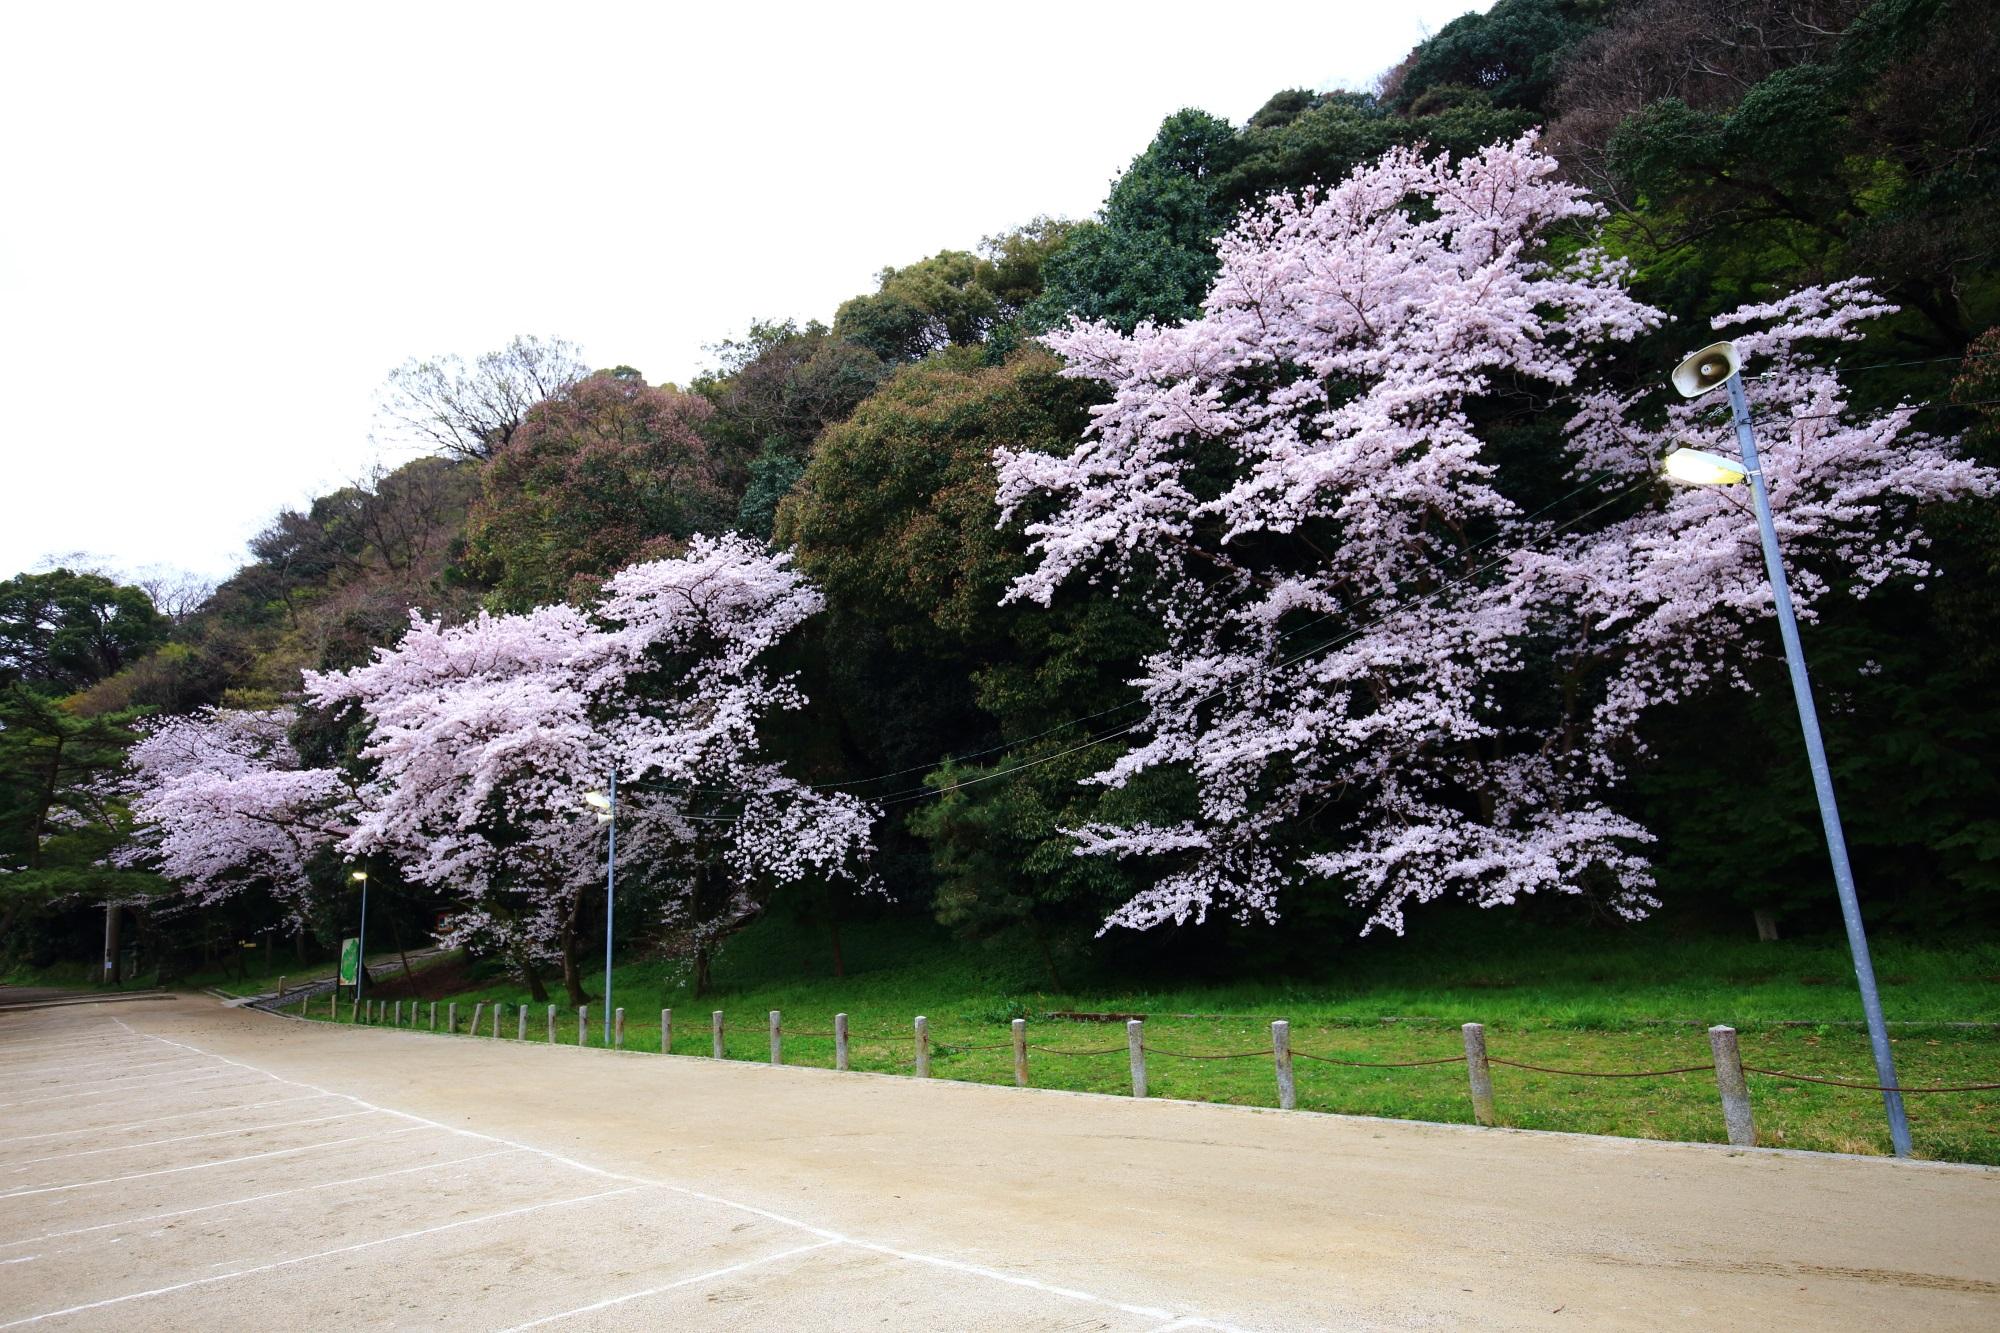 深い緑の中で華やかに咲く参道の桜